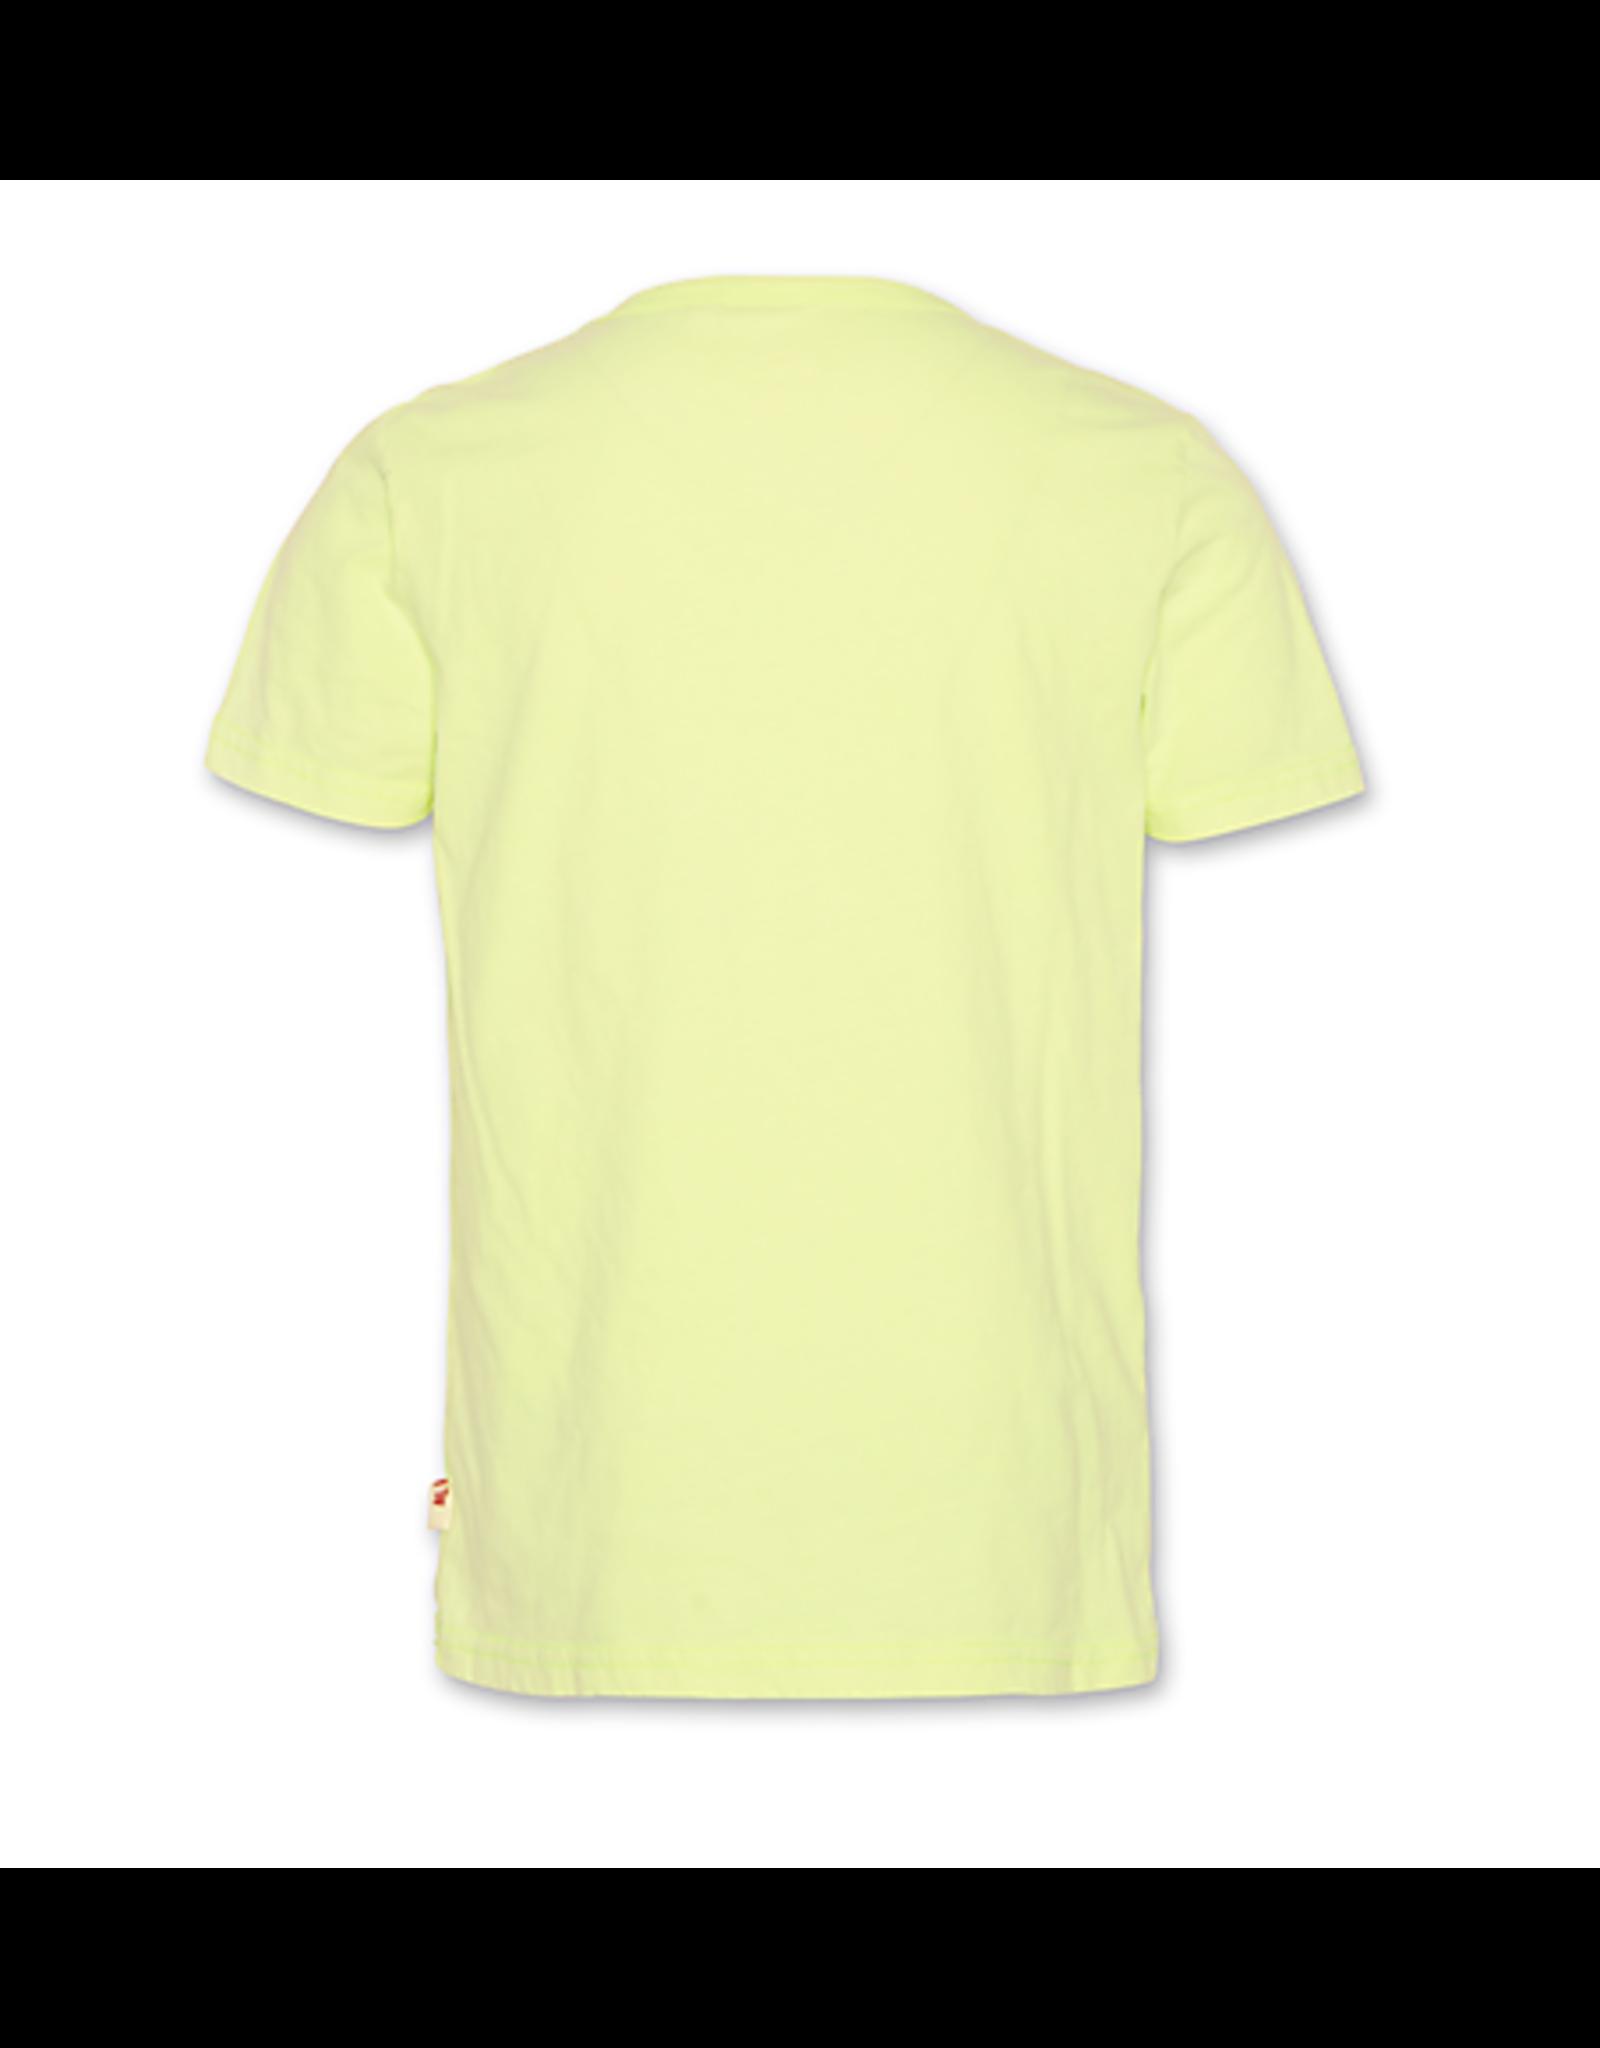 A076 AO76 T-shirt surf fluo geel